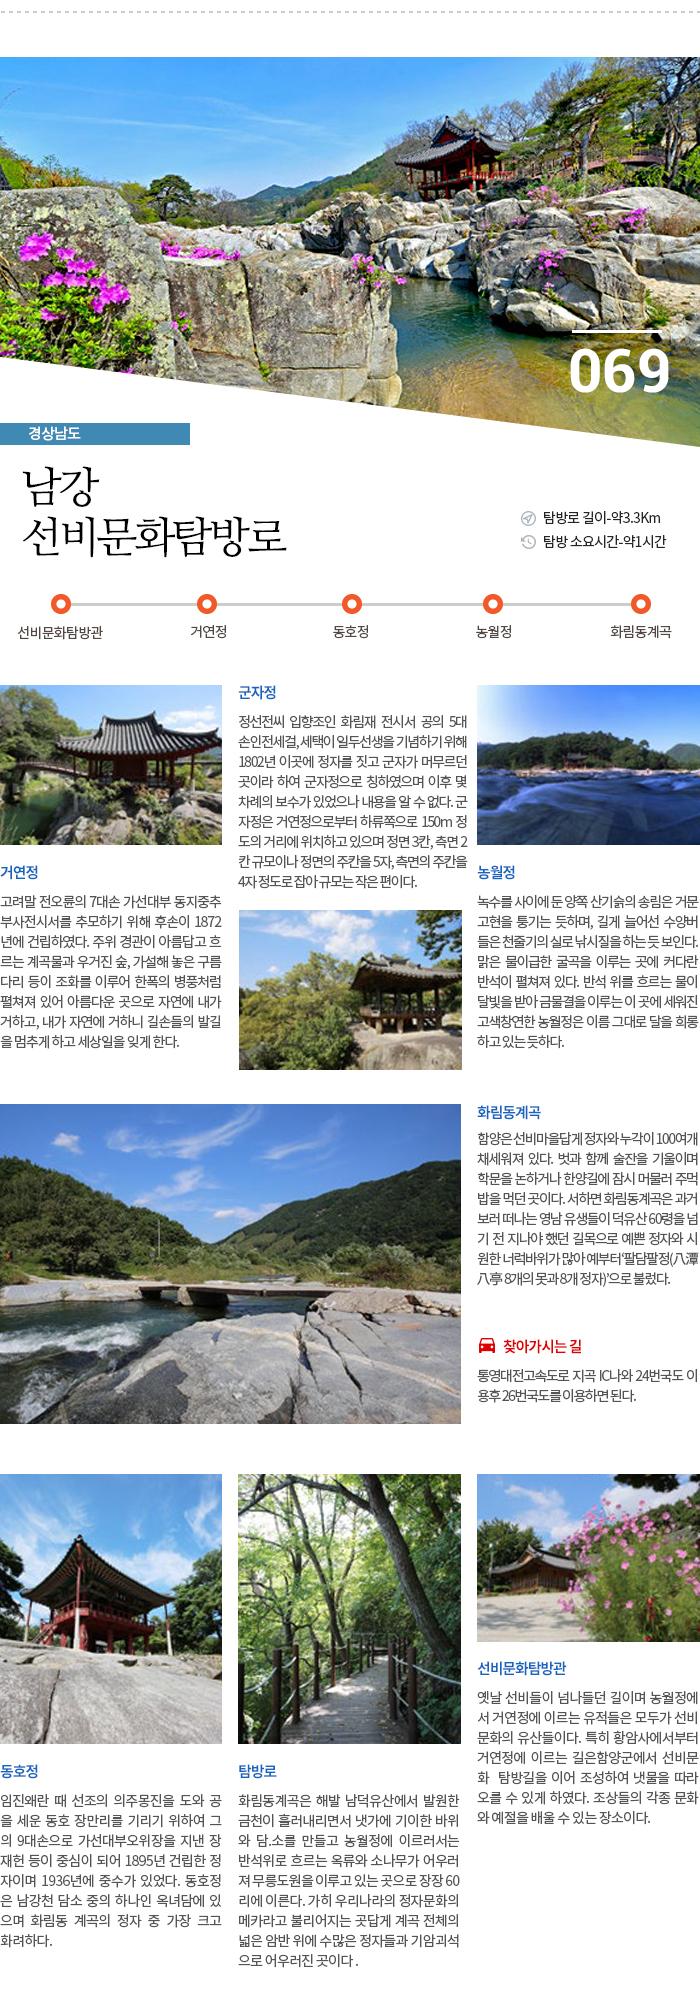 남강 선비문화탐방로